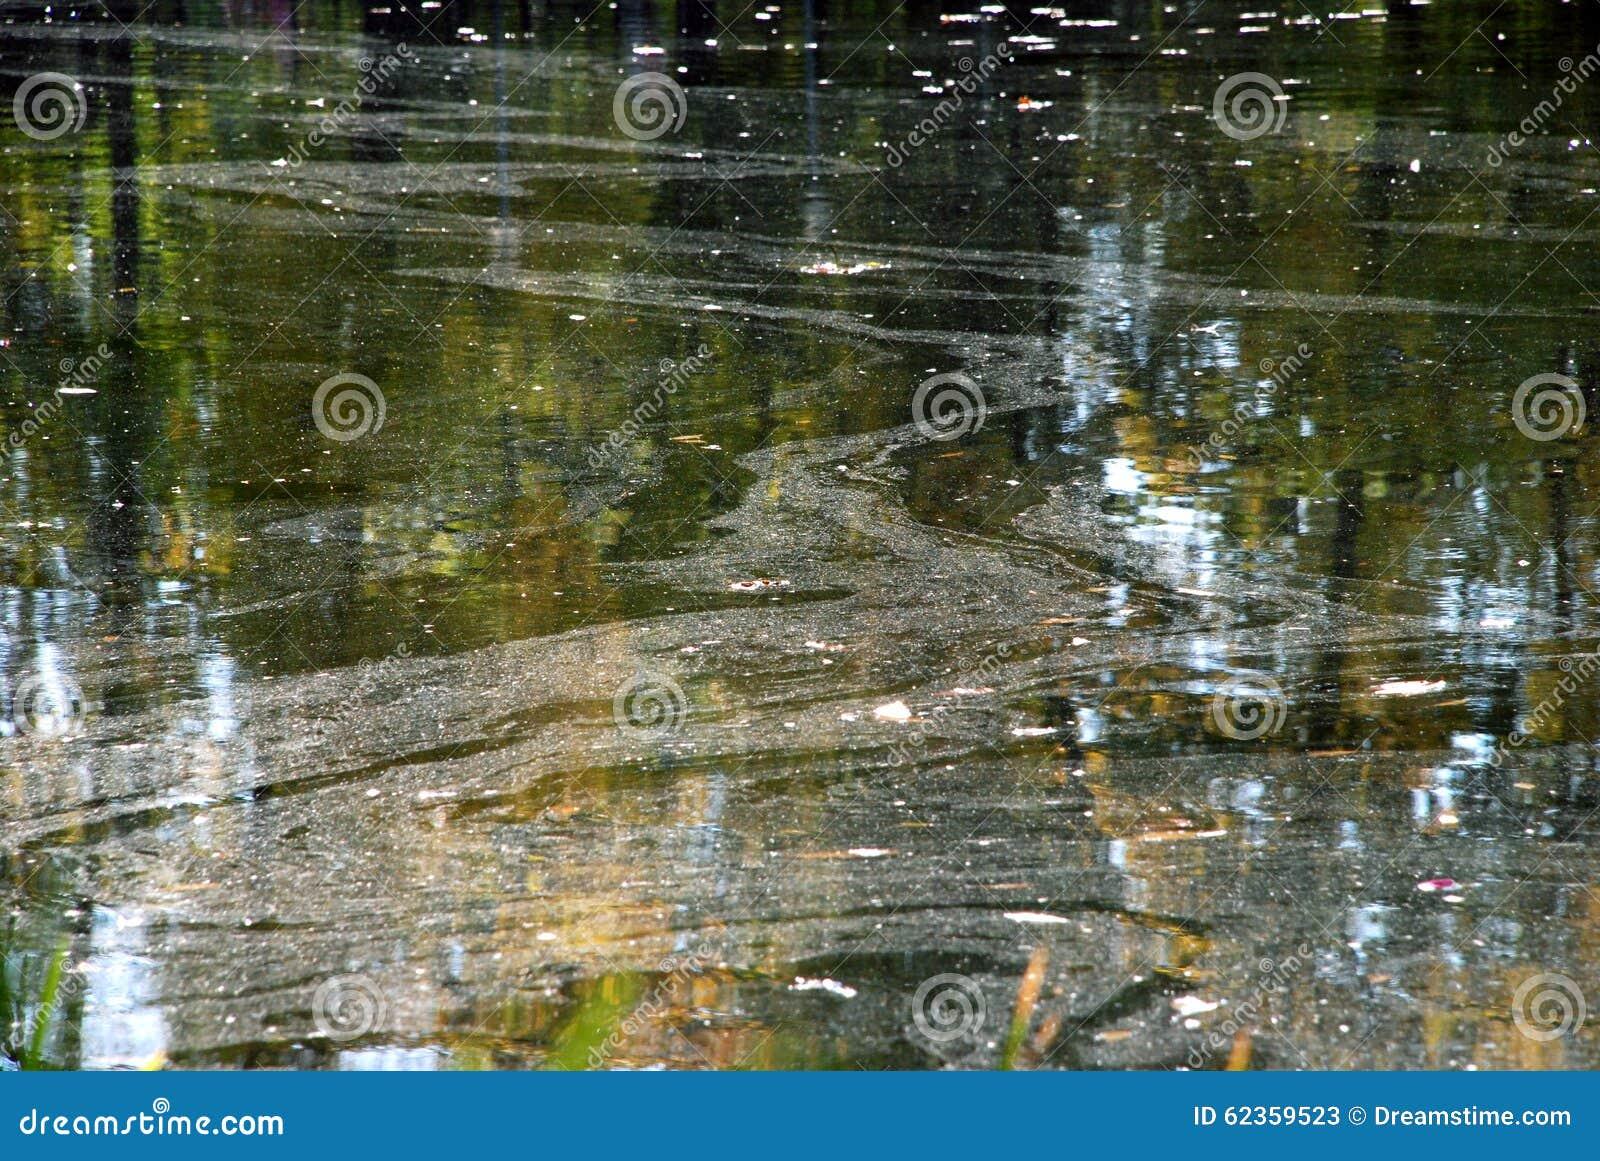 Réflexion des arbres dans l eau